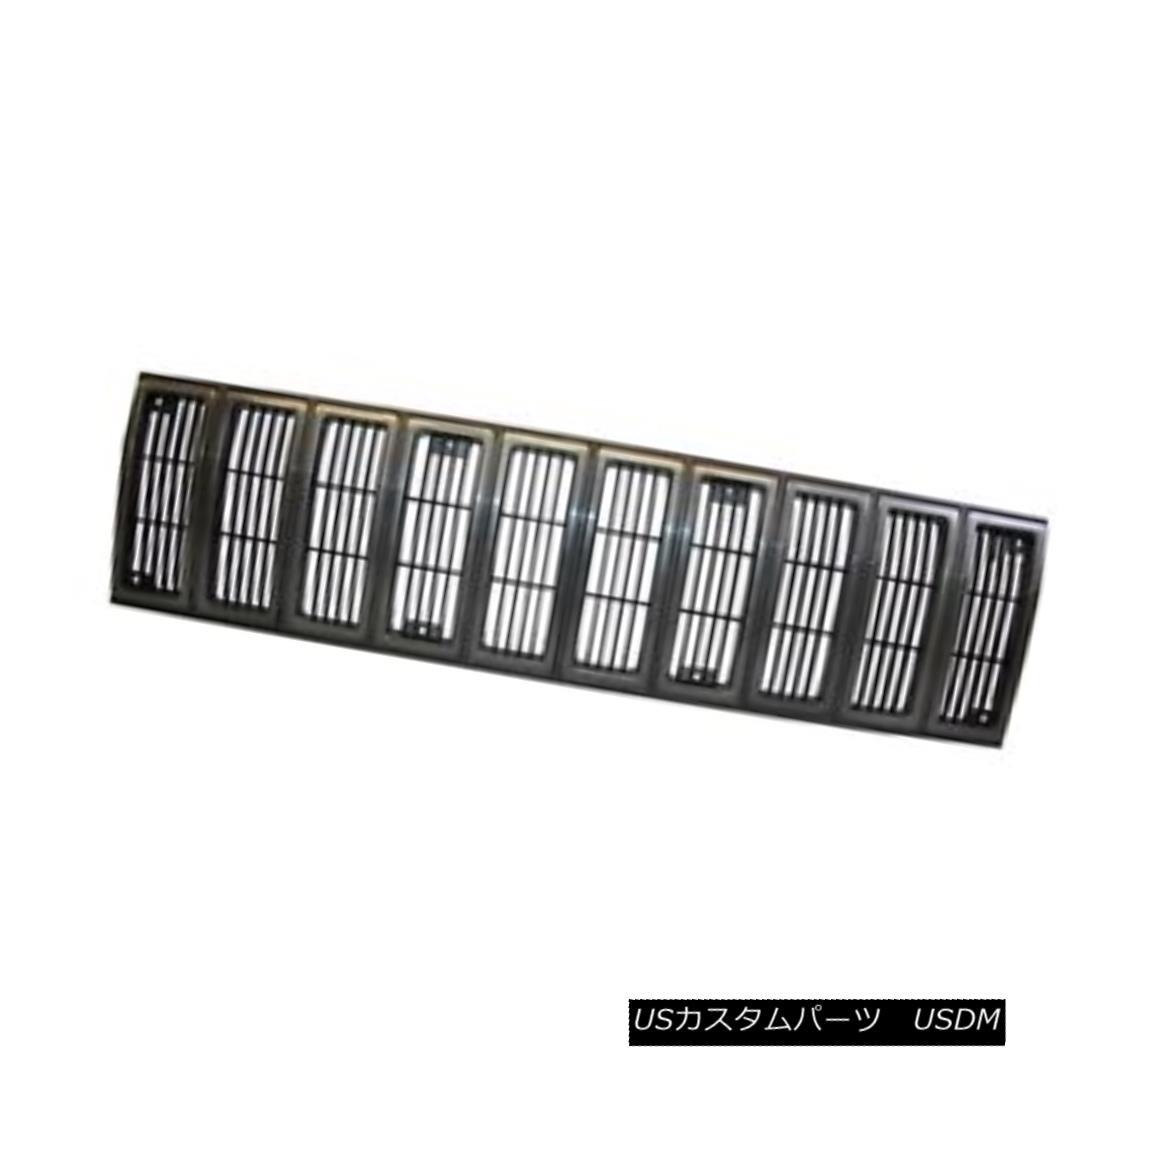 グリル Grille Insert, Black/Gray; 84-87 Jeep Cherokee XJ グリルインサート、ブラック/グレー; 84-87ジープチェロキーXJ